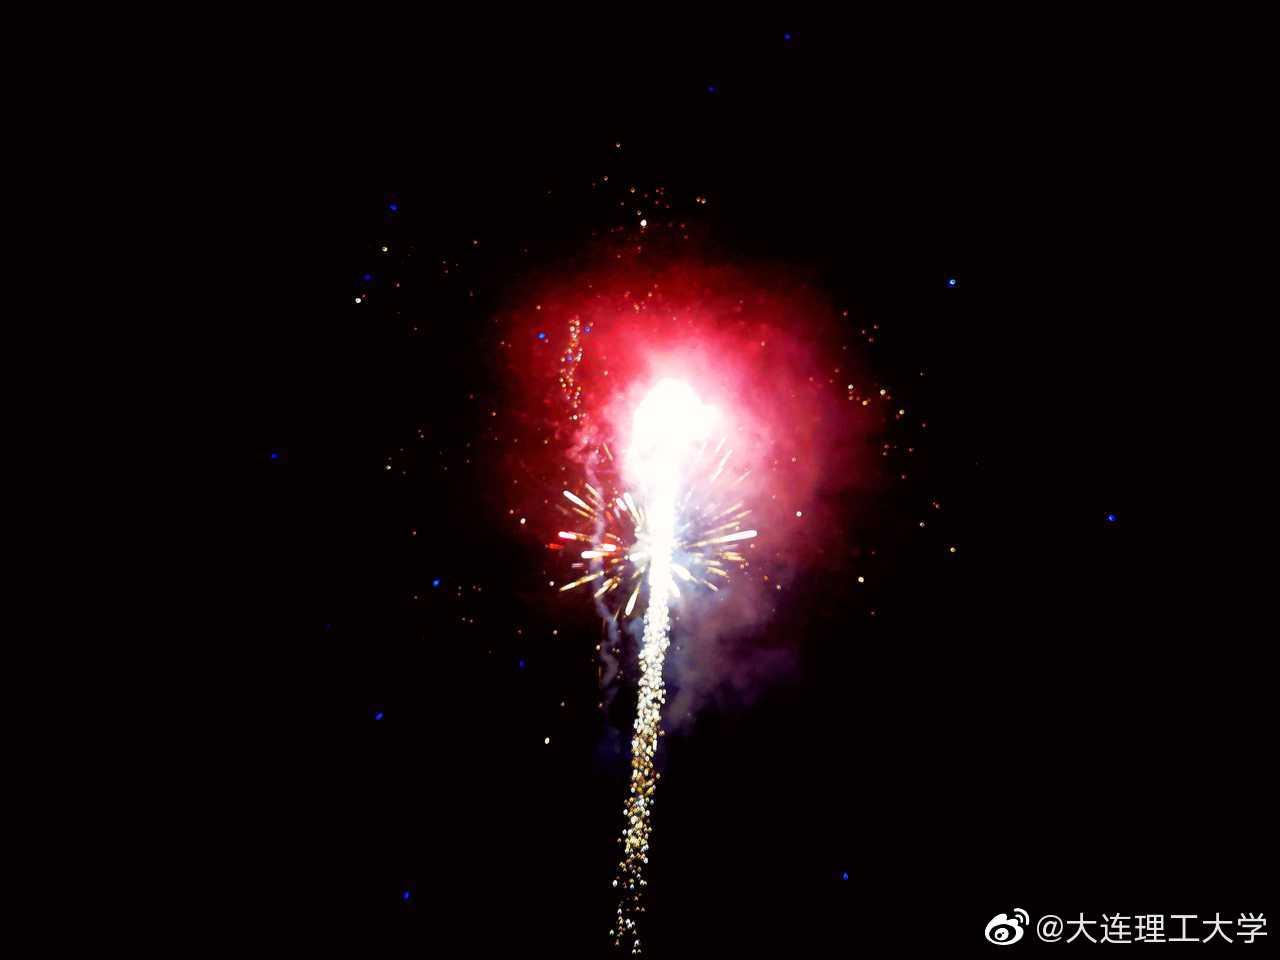 用烟花为武汉祈福,用明月为中国加油!投稿|@Dear-郭子睿